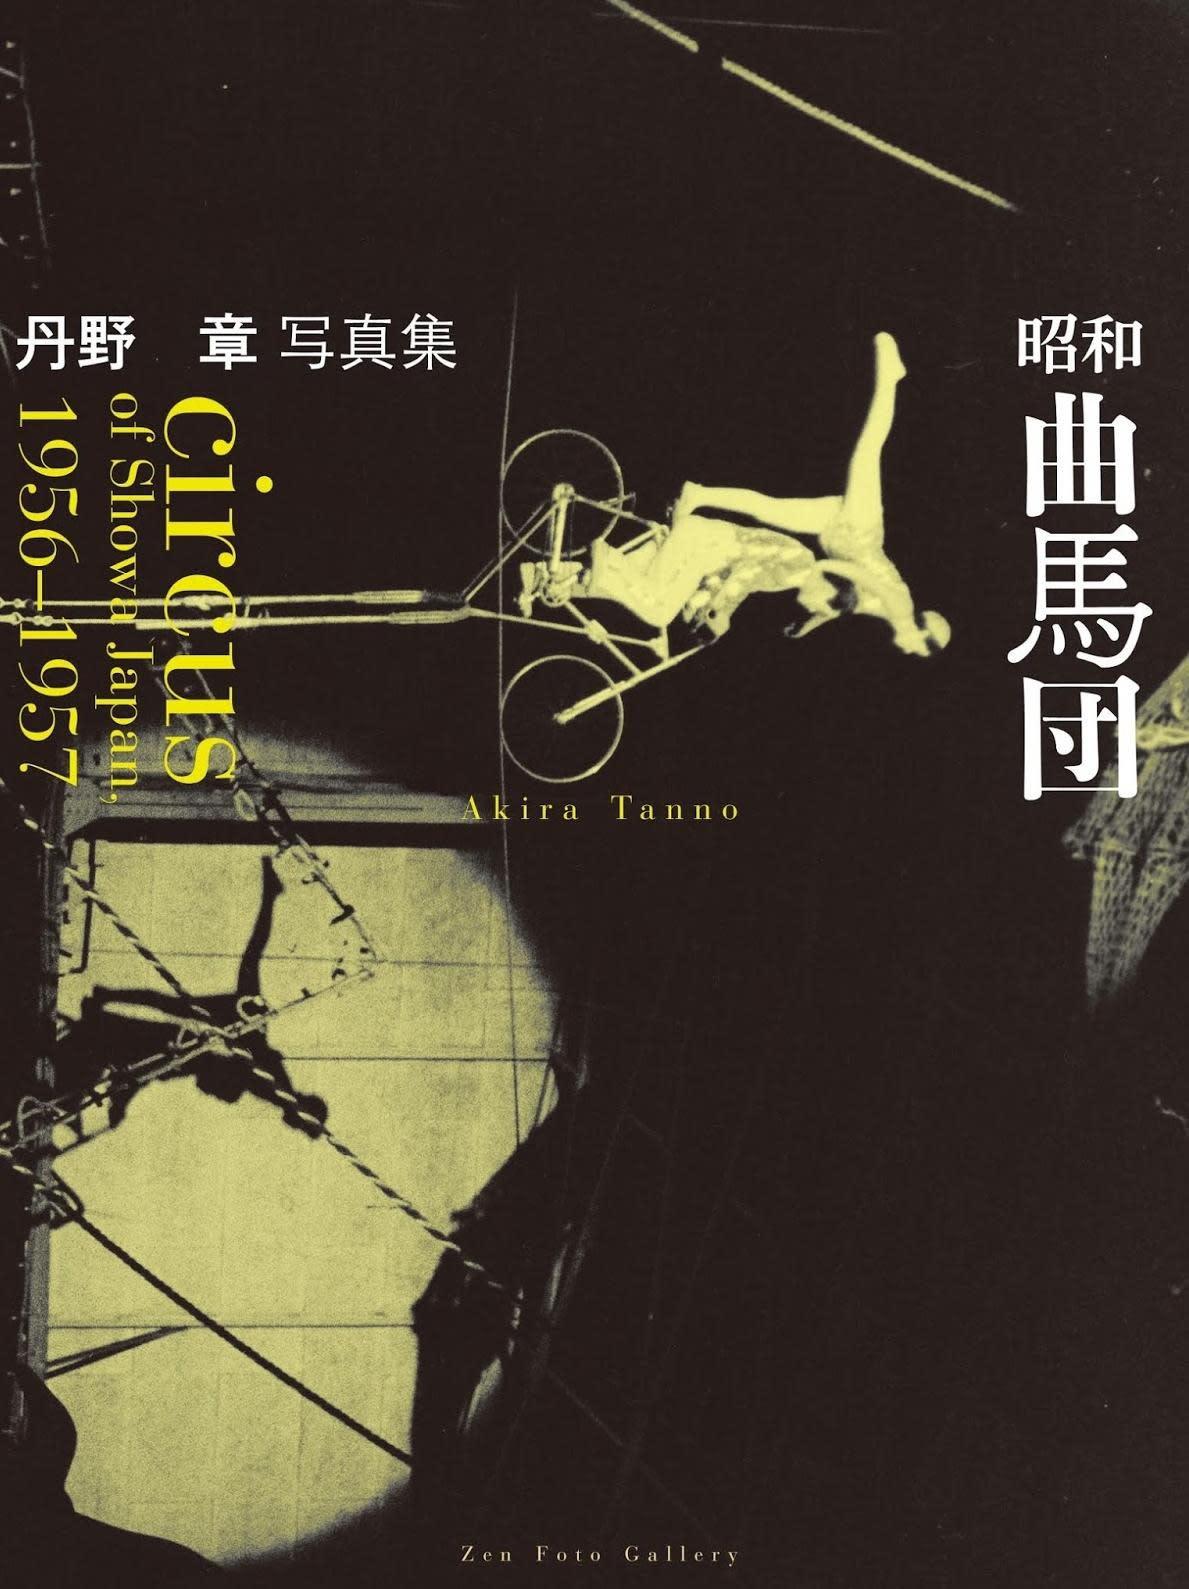 Circus of Showa Japan, 1956-1957 - Akira Tanno